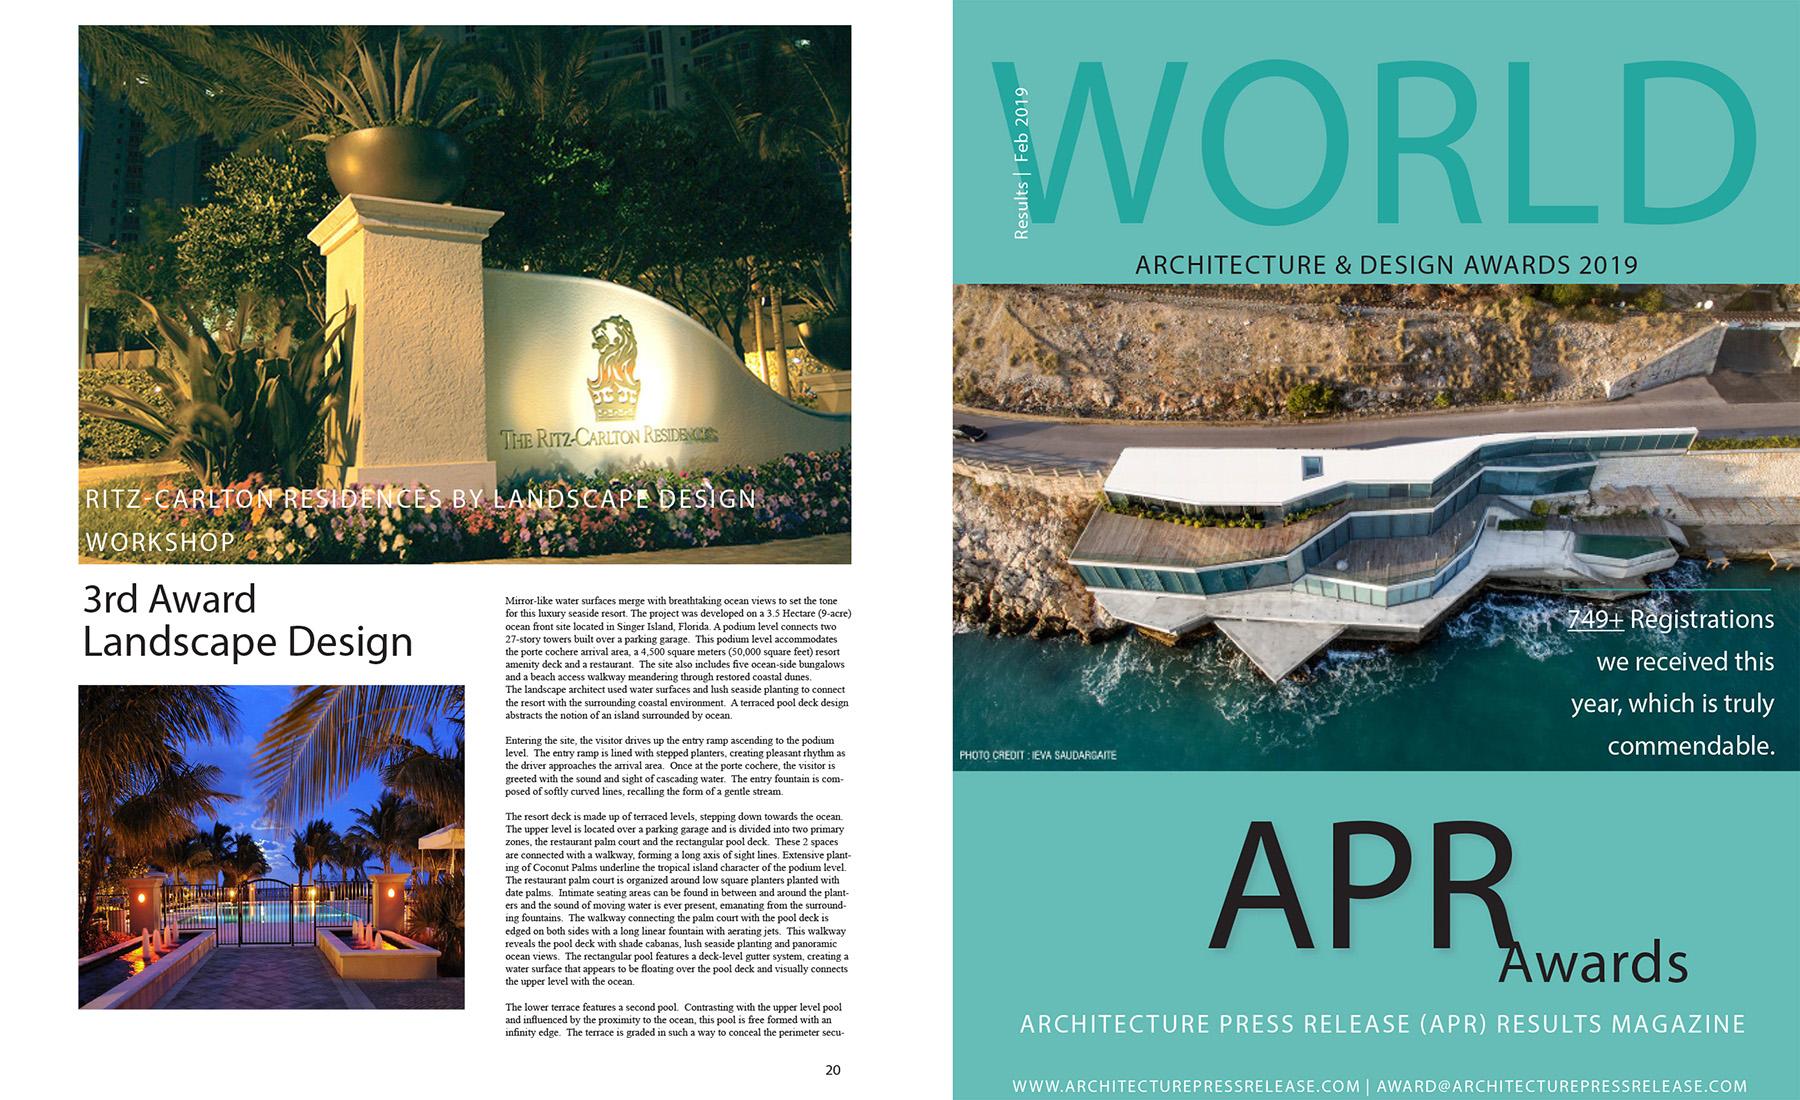 WADA_Magazine2019_19-03-06_04